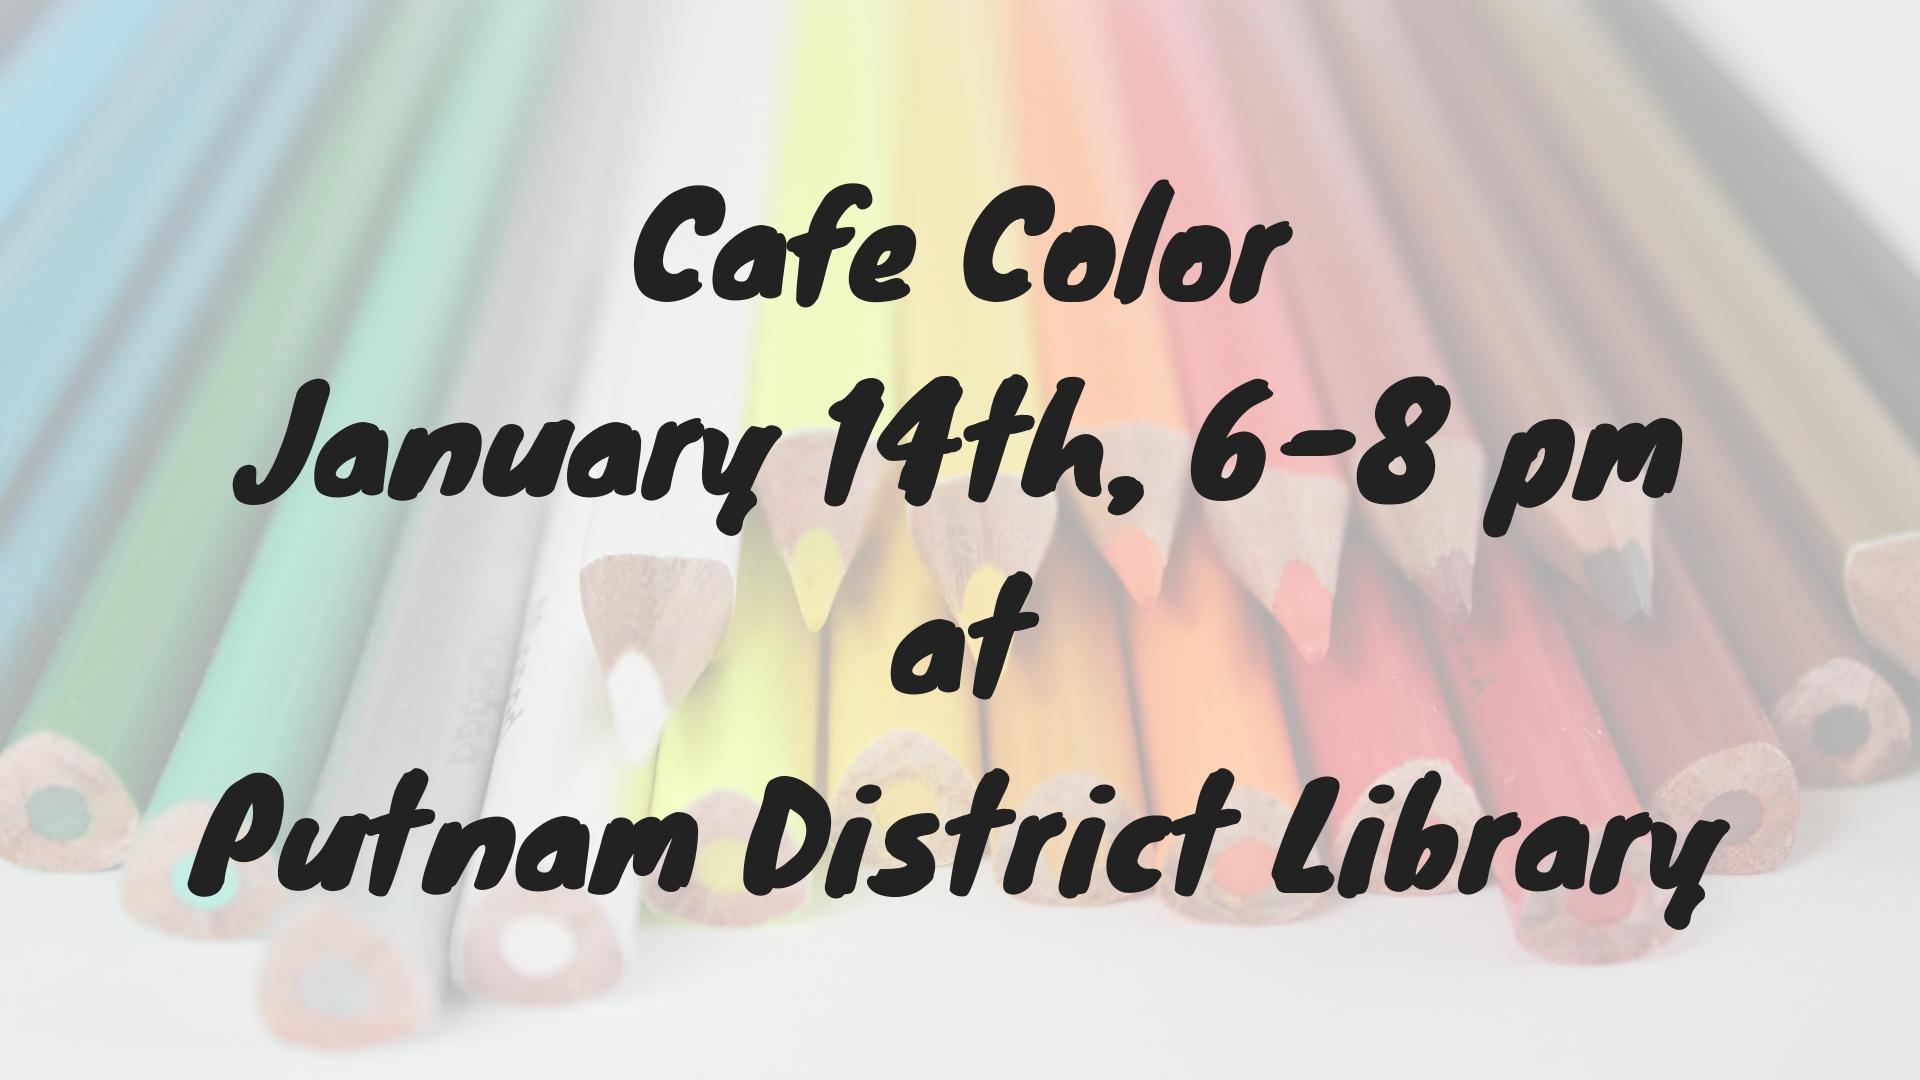 Cafe Color